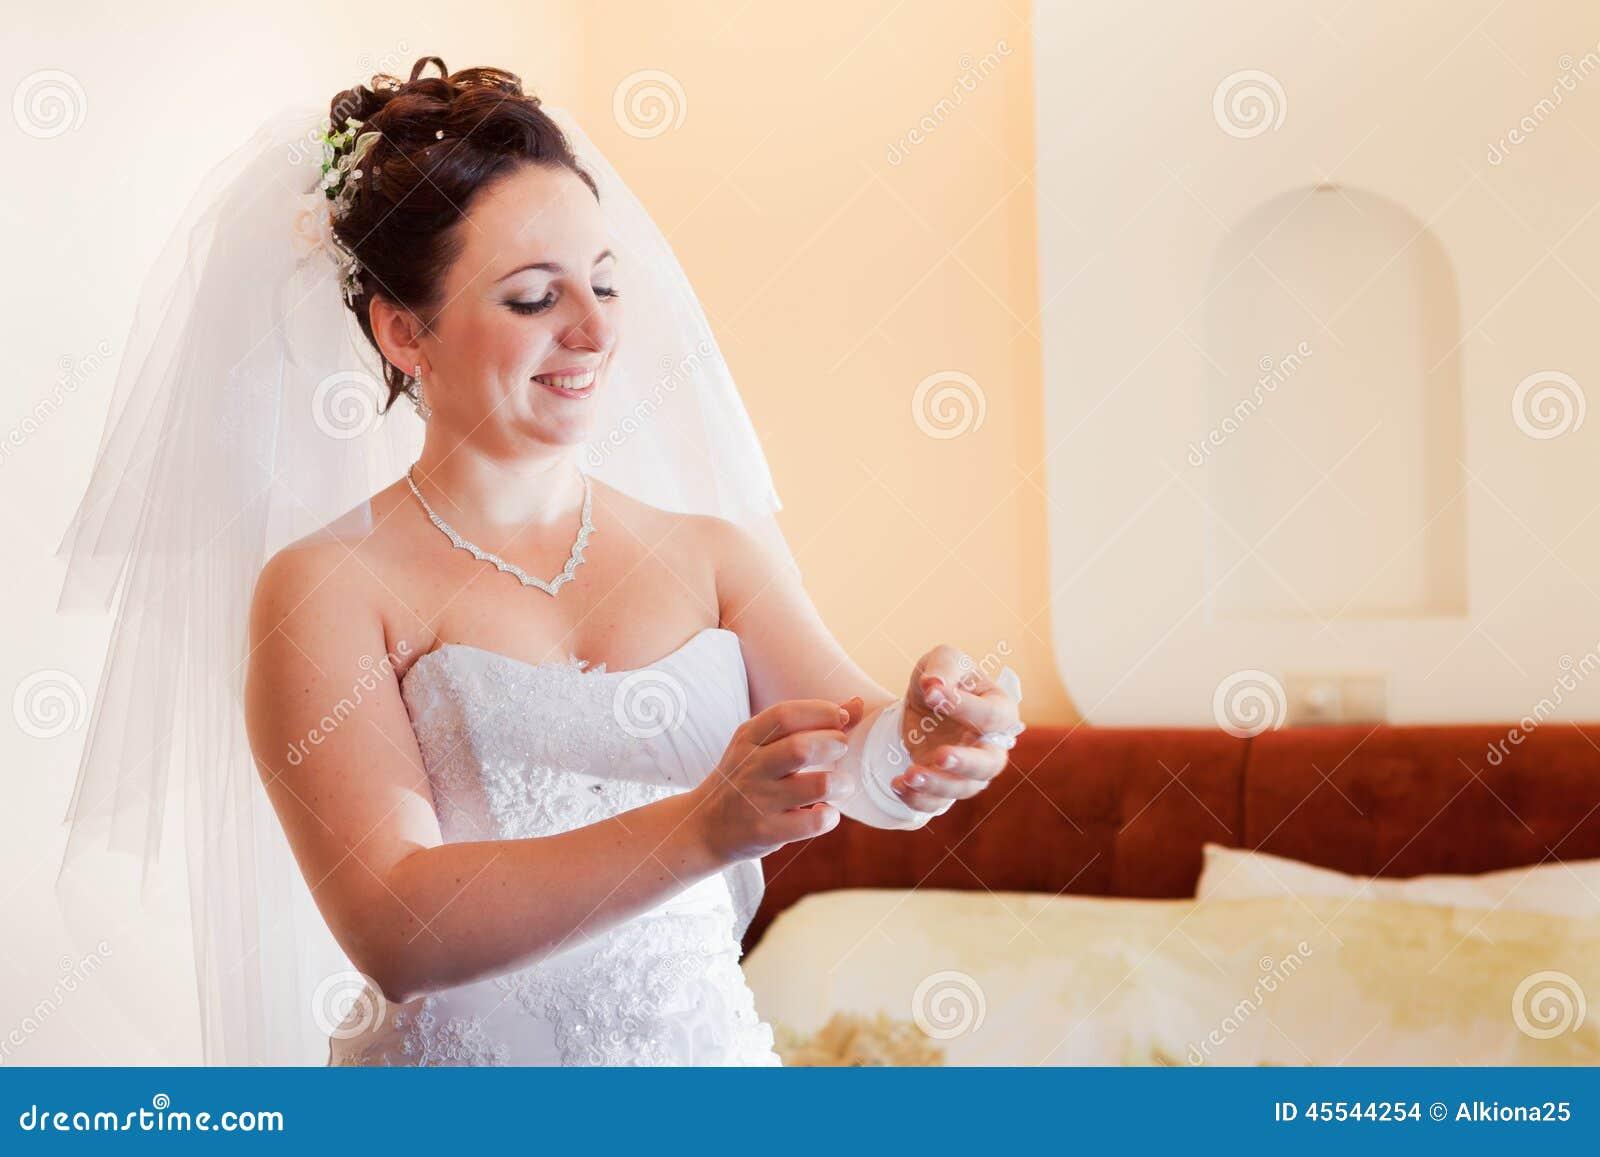 美丽的新娘浅黑肤色的男人